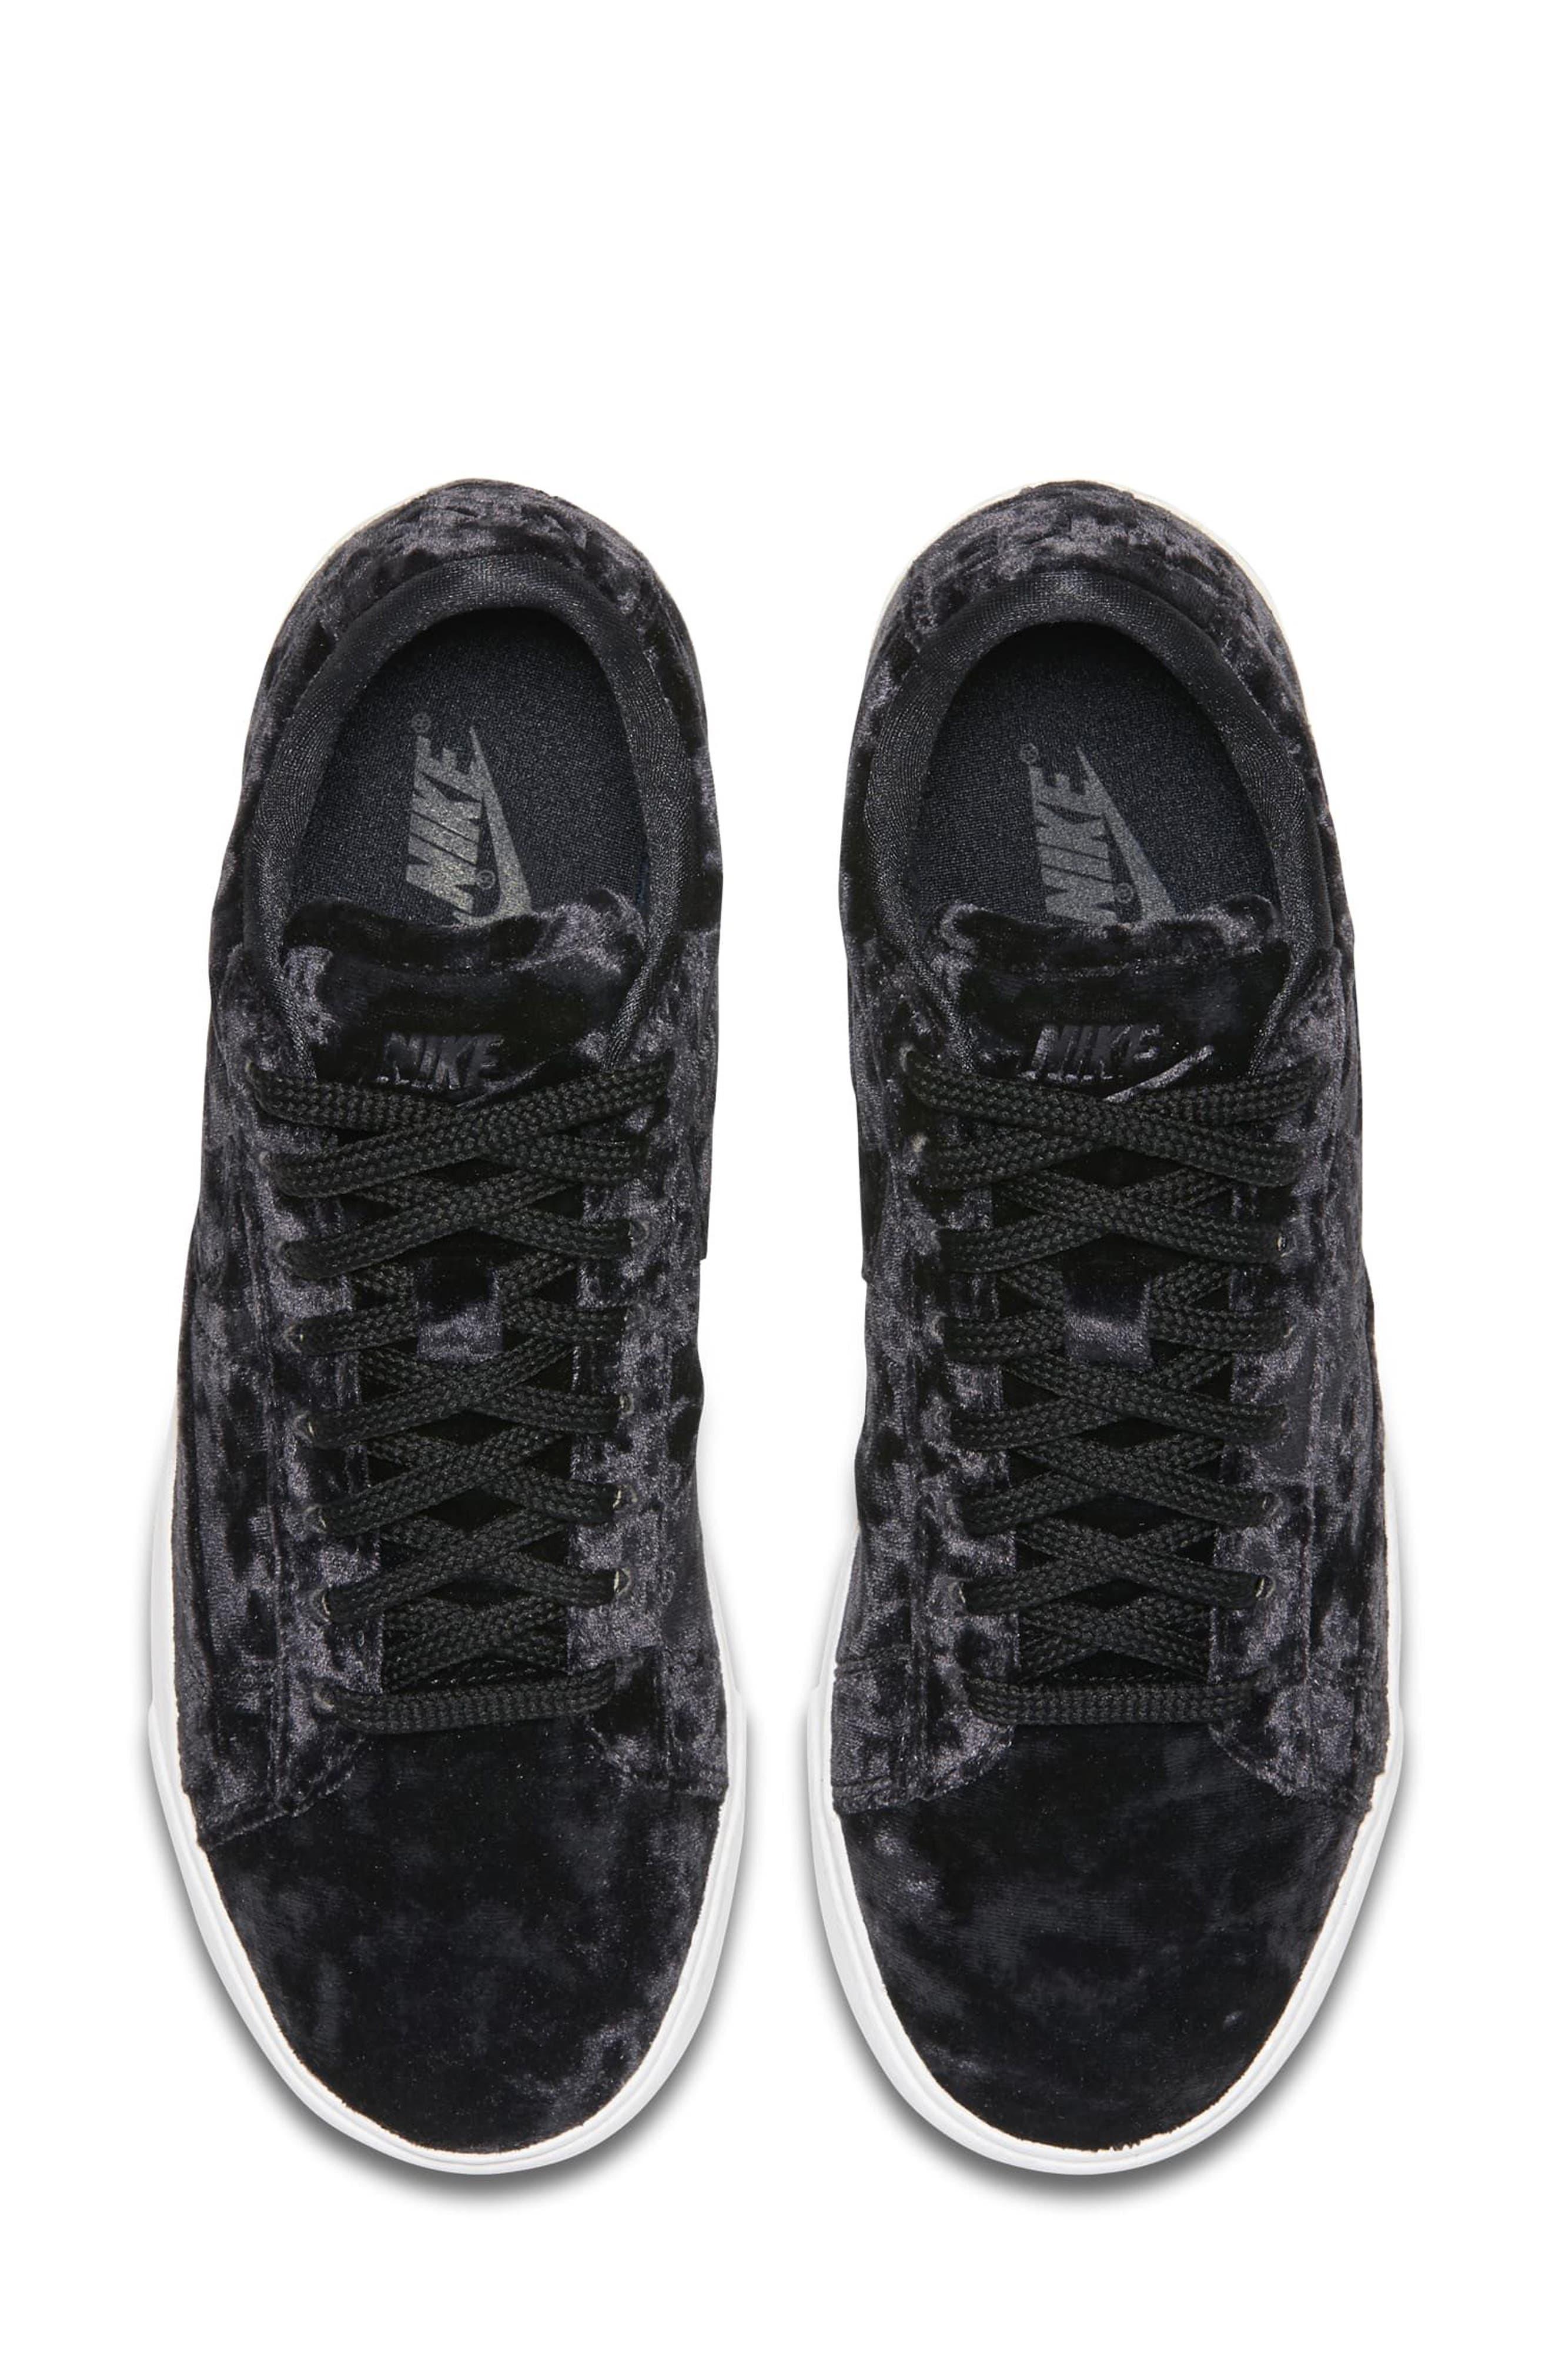 Blazer Low X Sneaker,                             Alternate thumbnail 4, color,                             003